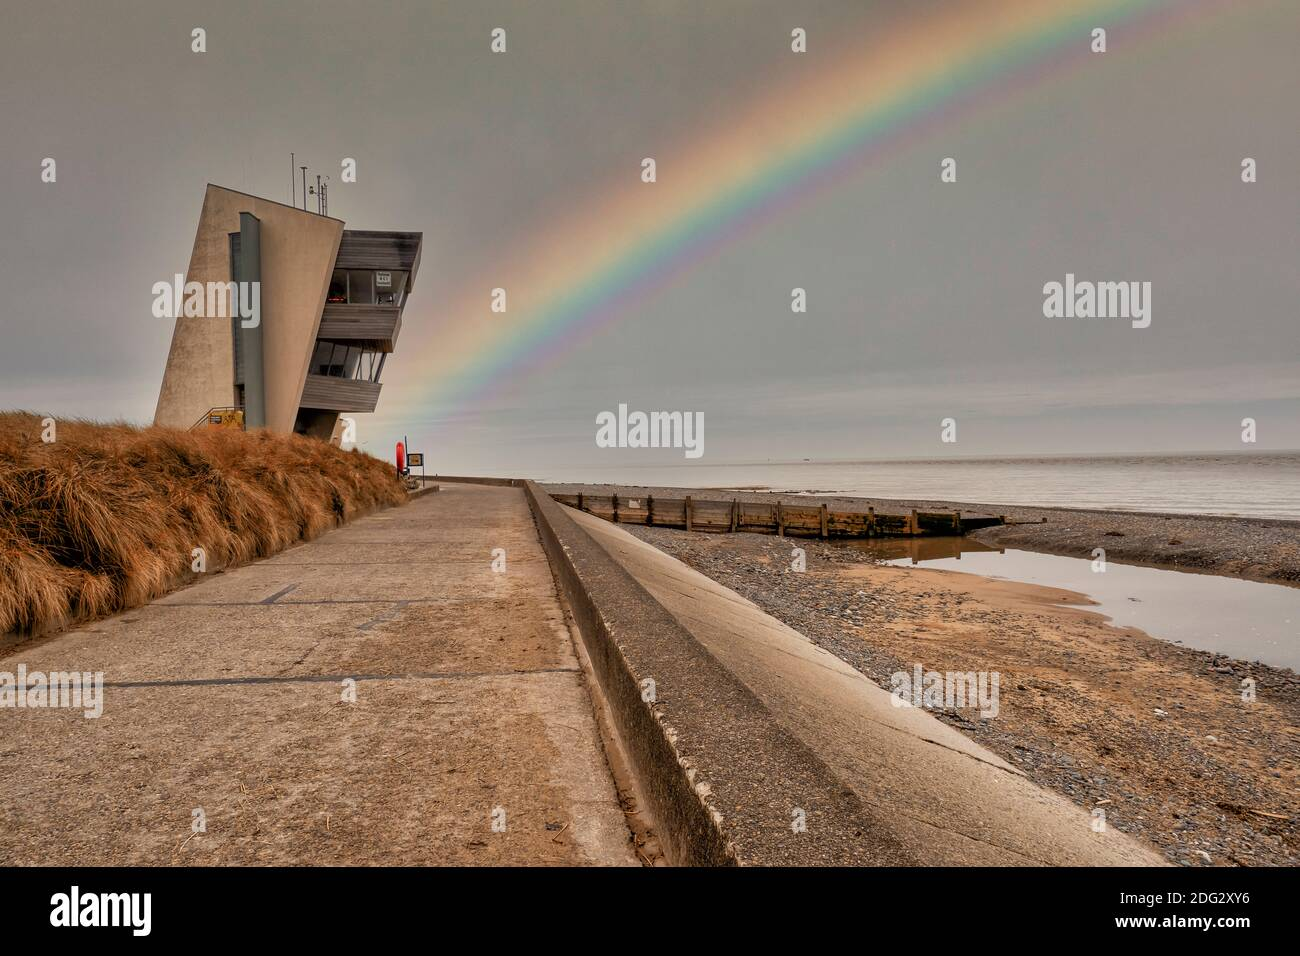 Rainbow at Rossall Beach, Fleetwood, Lancashire, Reino Unido. El edificio de cuatro pisos en el paseo exterior en Rossall Point es Rossall Coastwatch Tower. Foto de stock